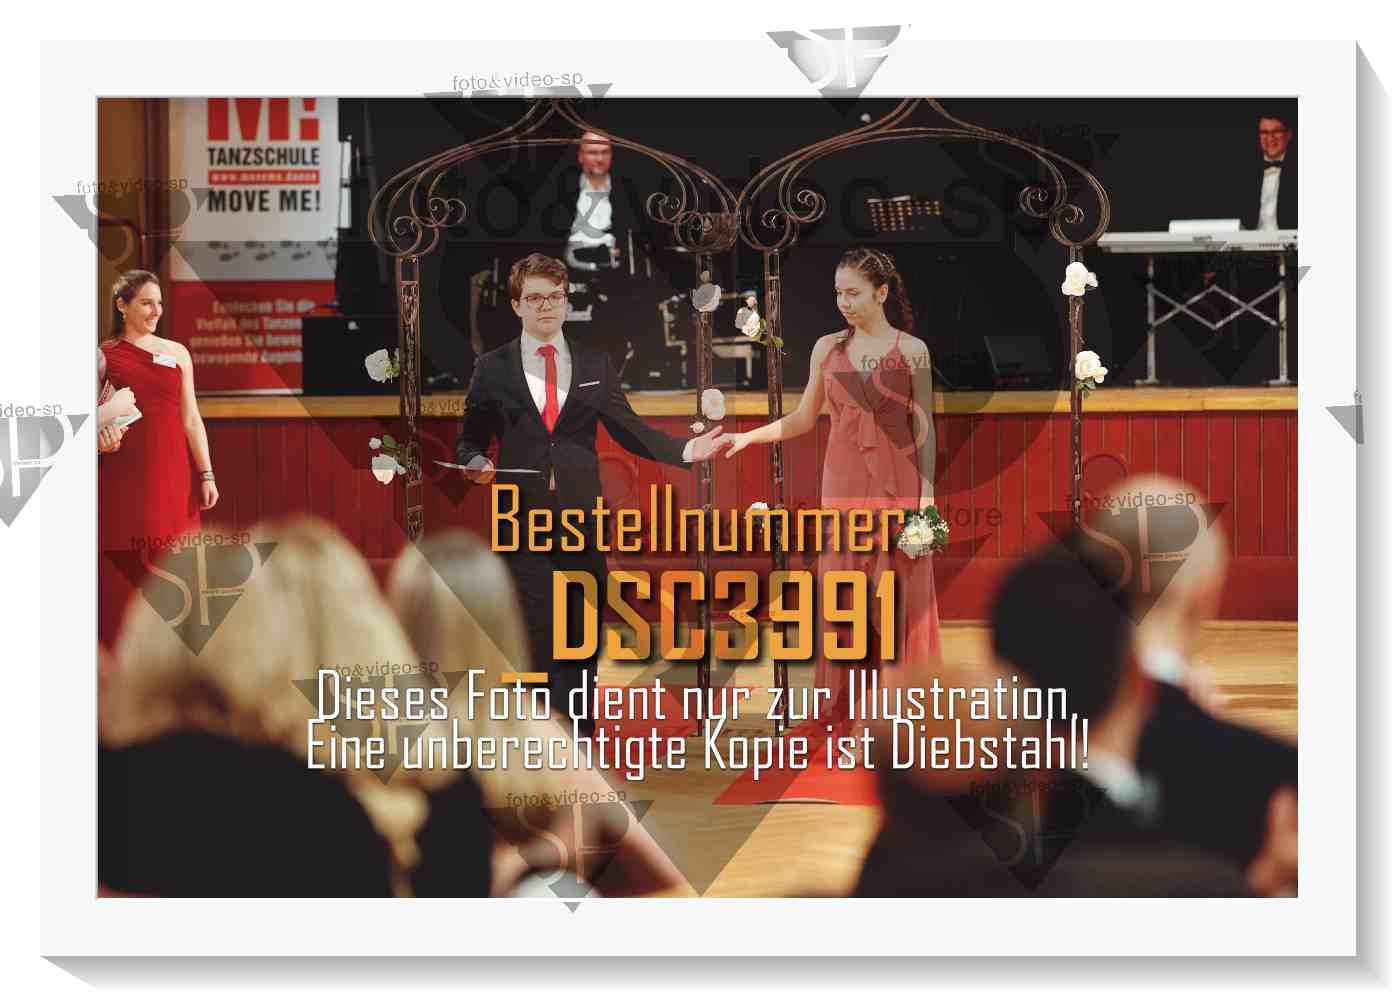 DSC3991